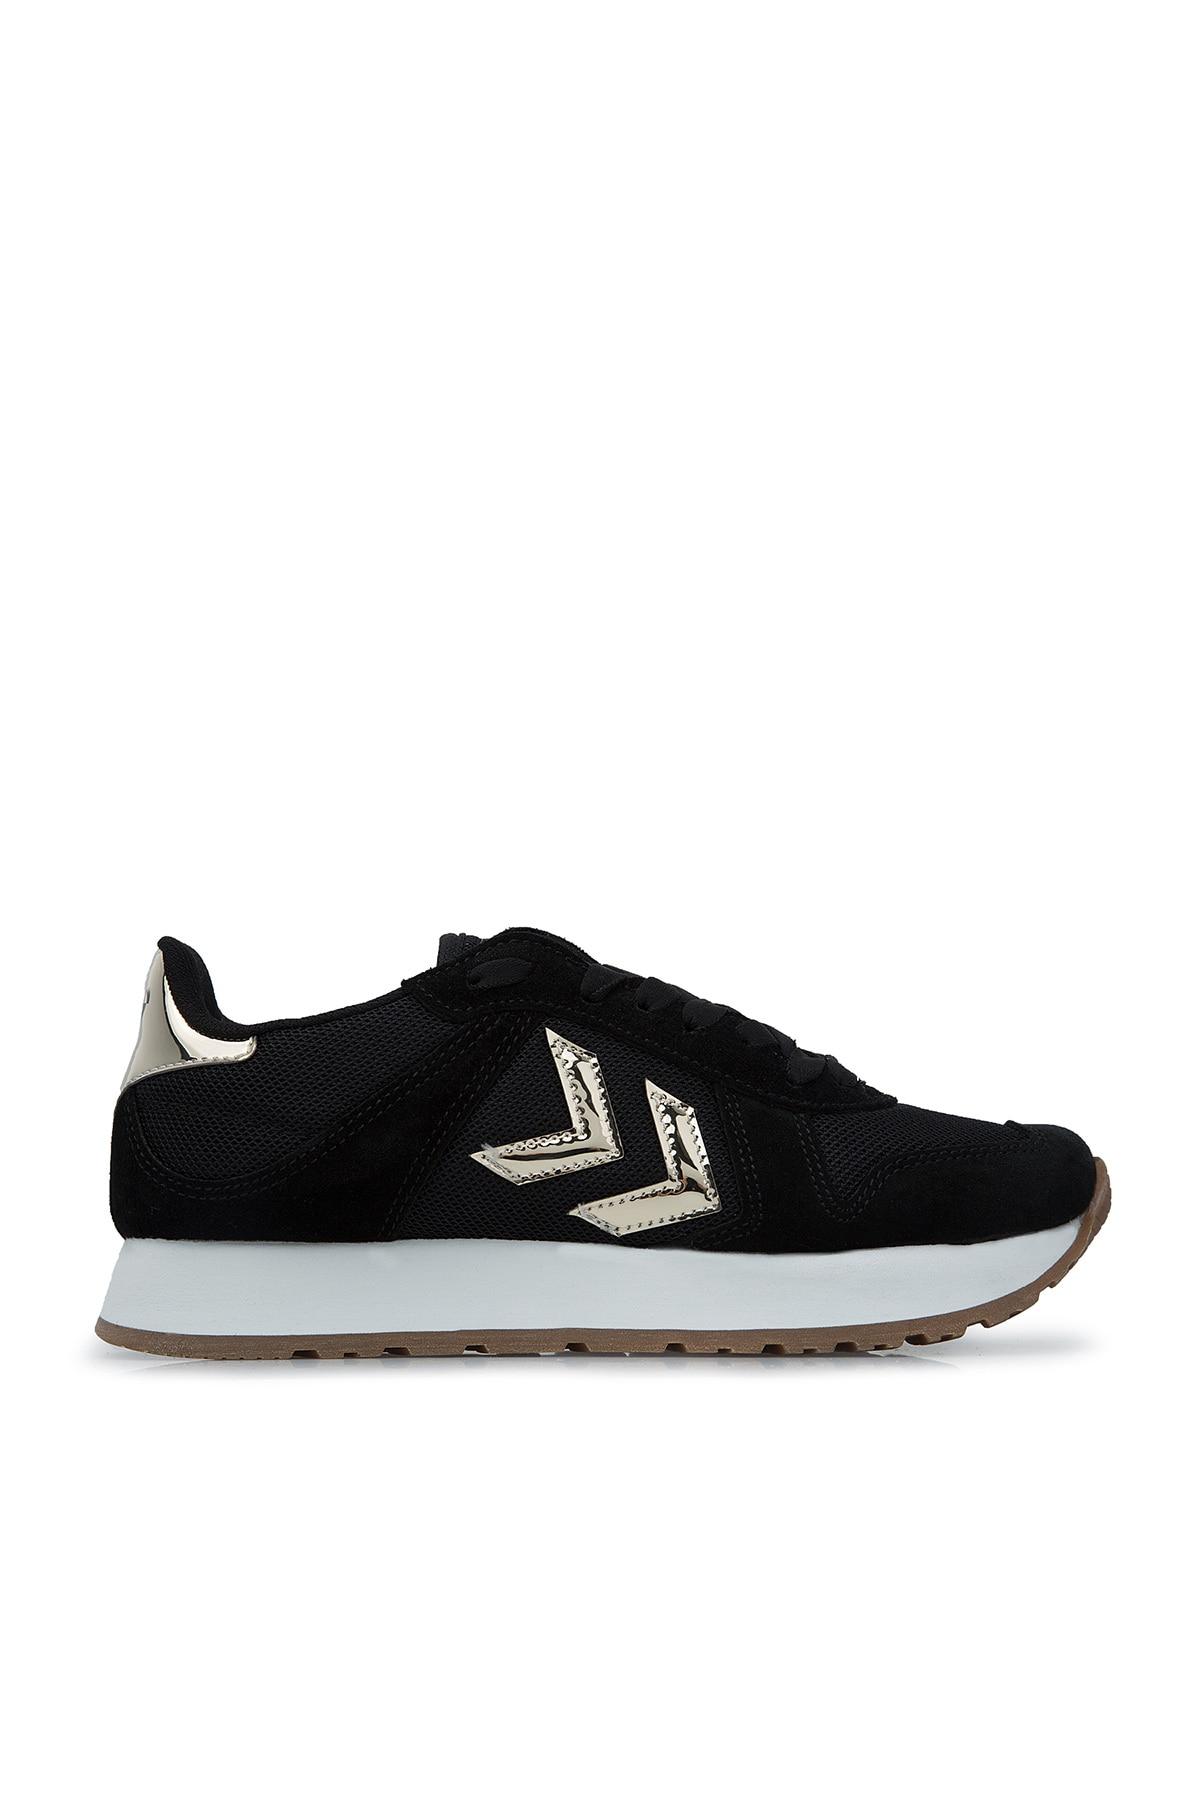 Hummel Shoes WOMEN SHOES 206311 - buy